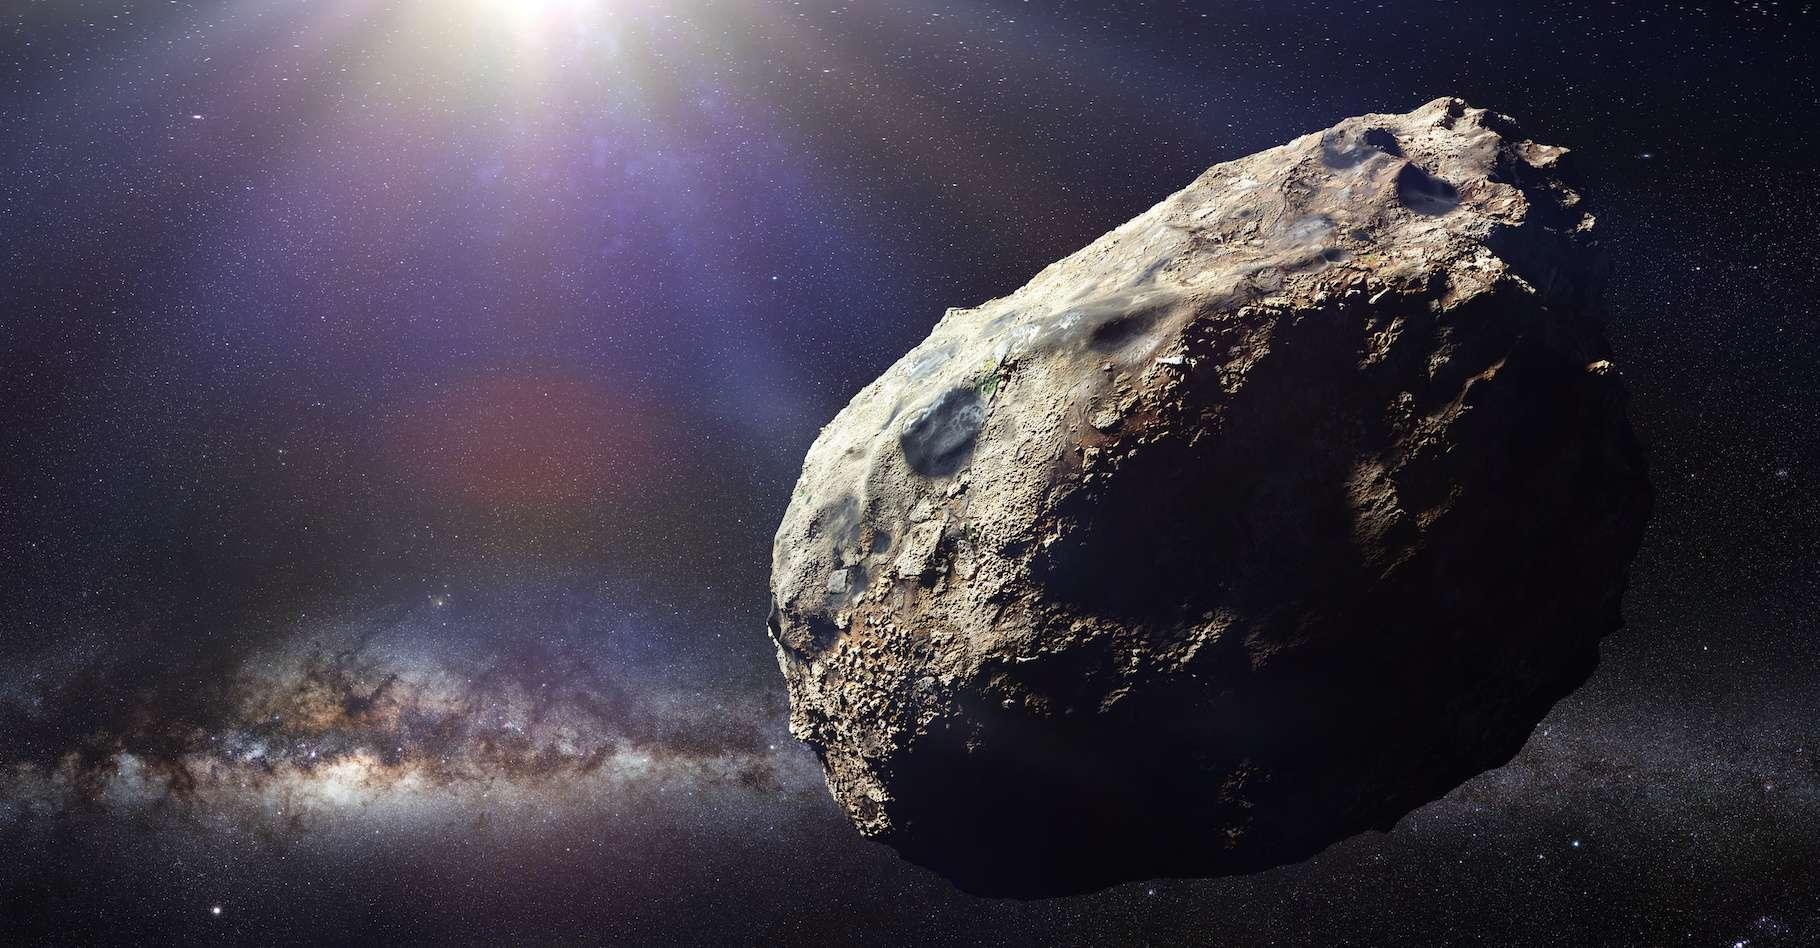 Un astéroïde de taille importante nommé (52768) 1998 OR2 passera dans les environs de notre Terre à la fin du moins d'avril. Mais il ne constitue pas une menace pour l'humanité. © dottedyeti, Adobe Stock